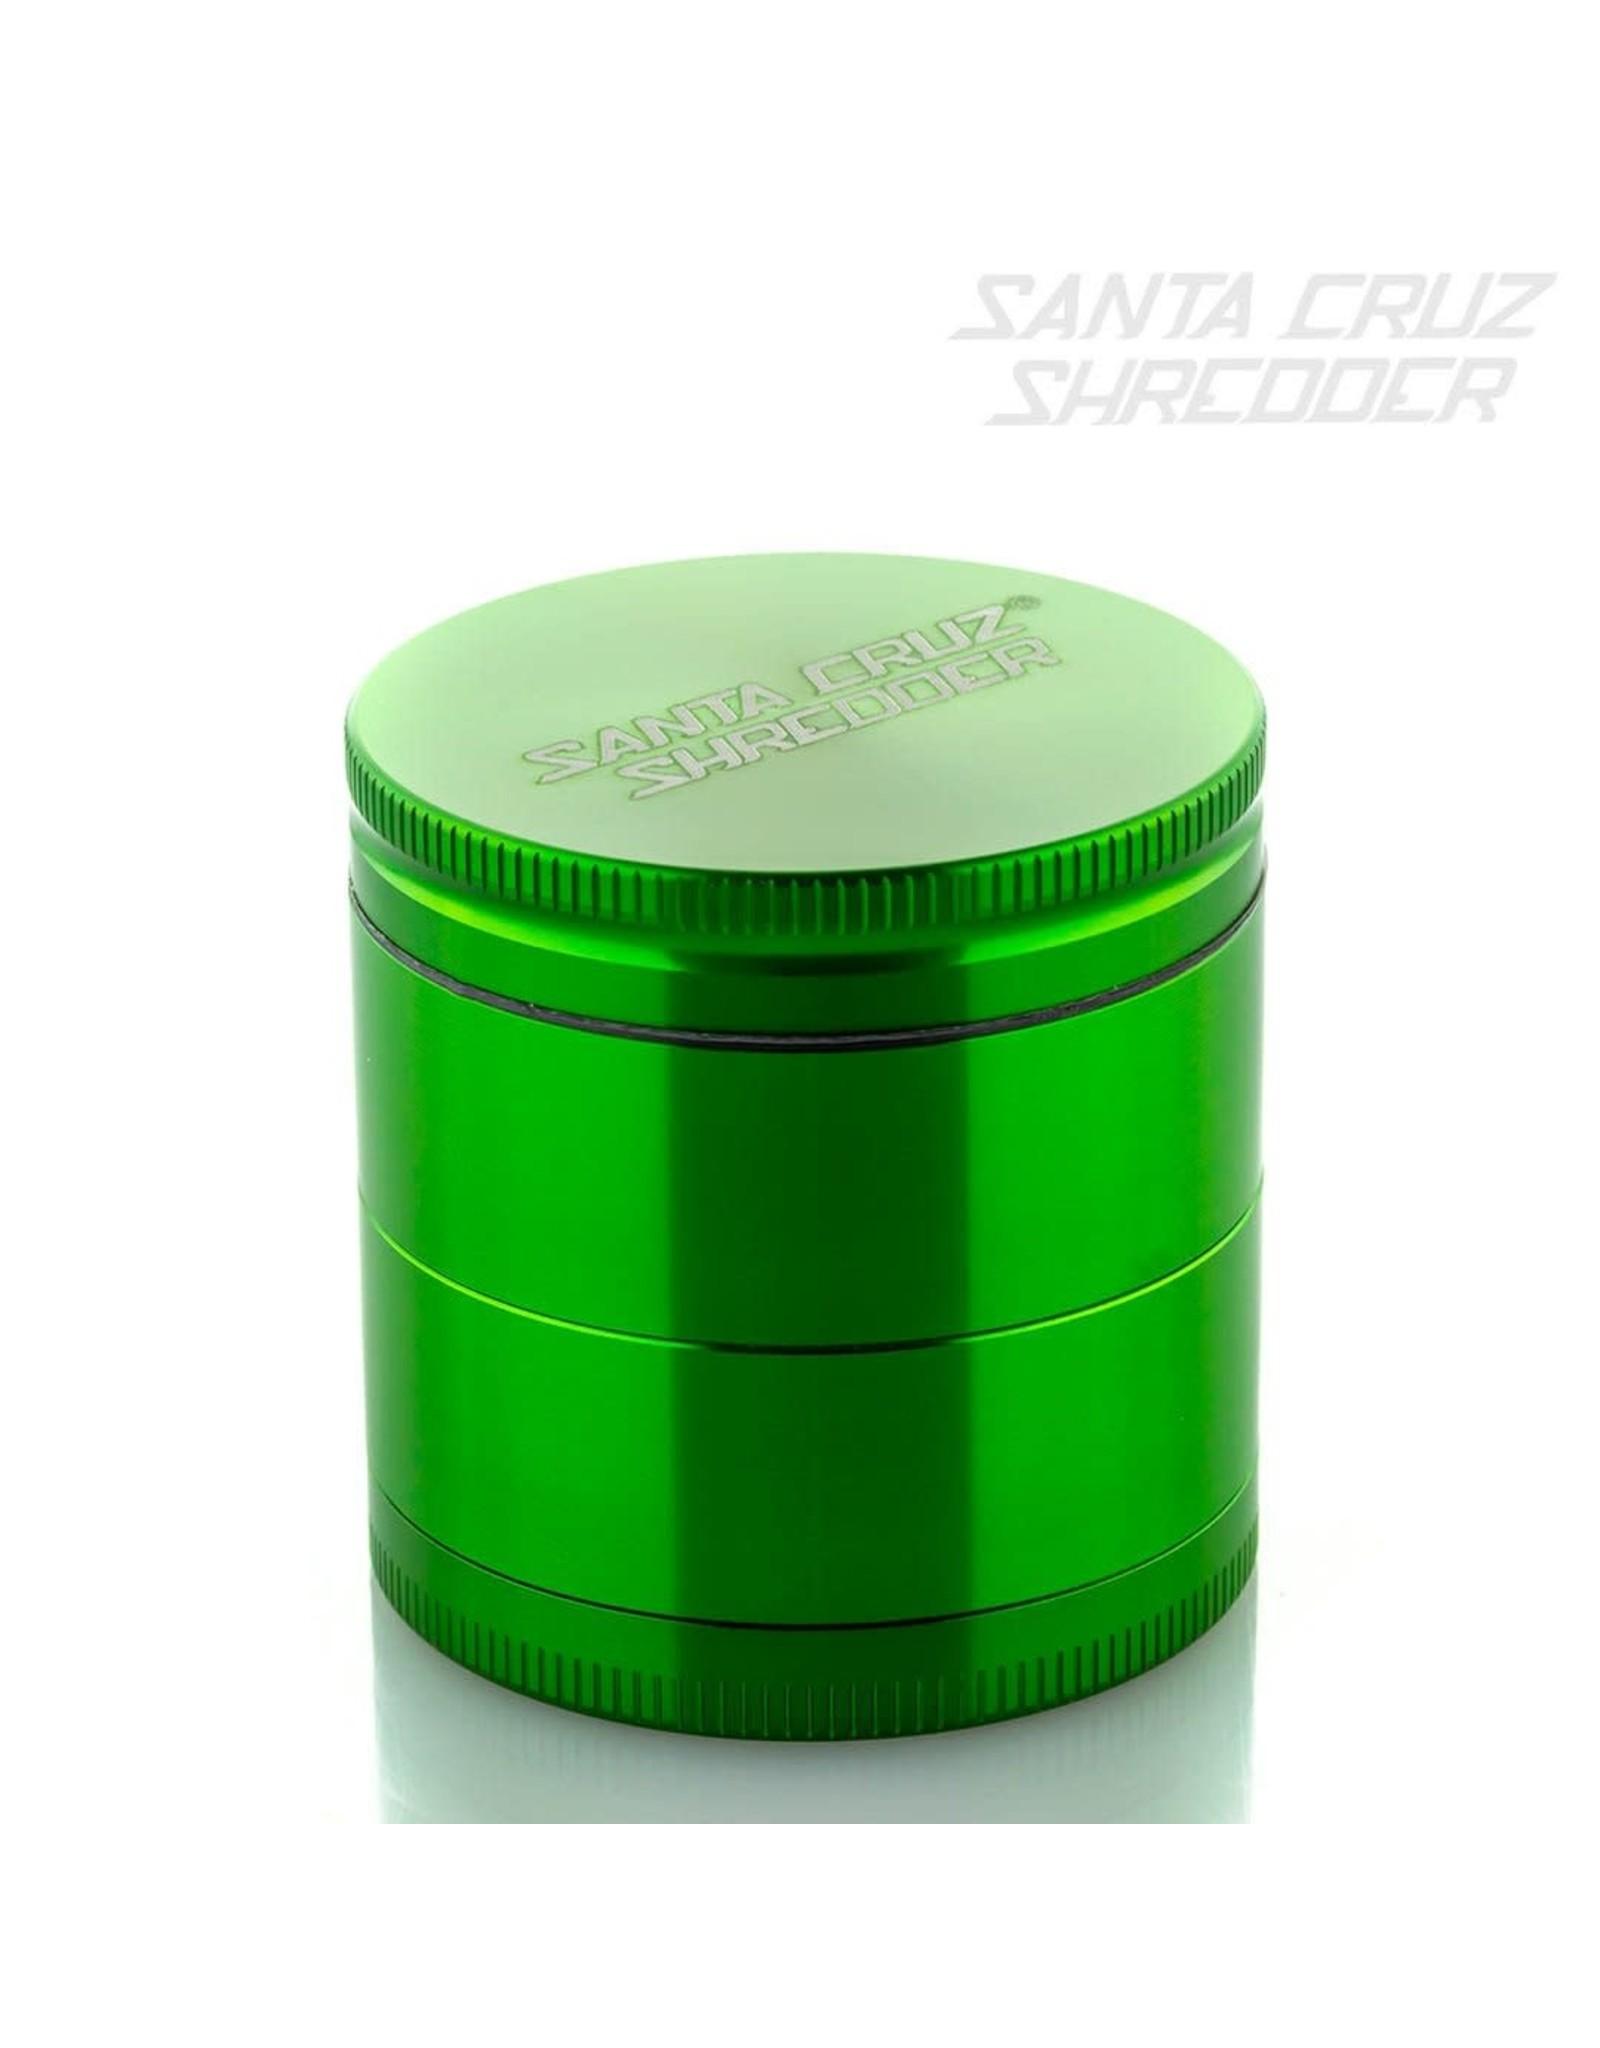 Santa Cruz Shredder Santa Cruz Shredder Medium 4Pc Green